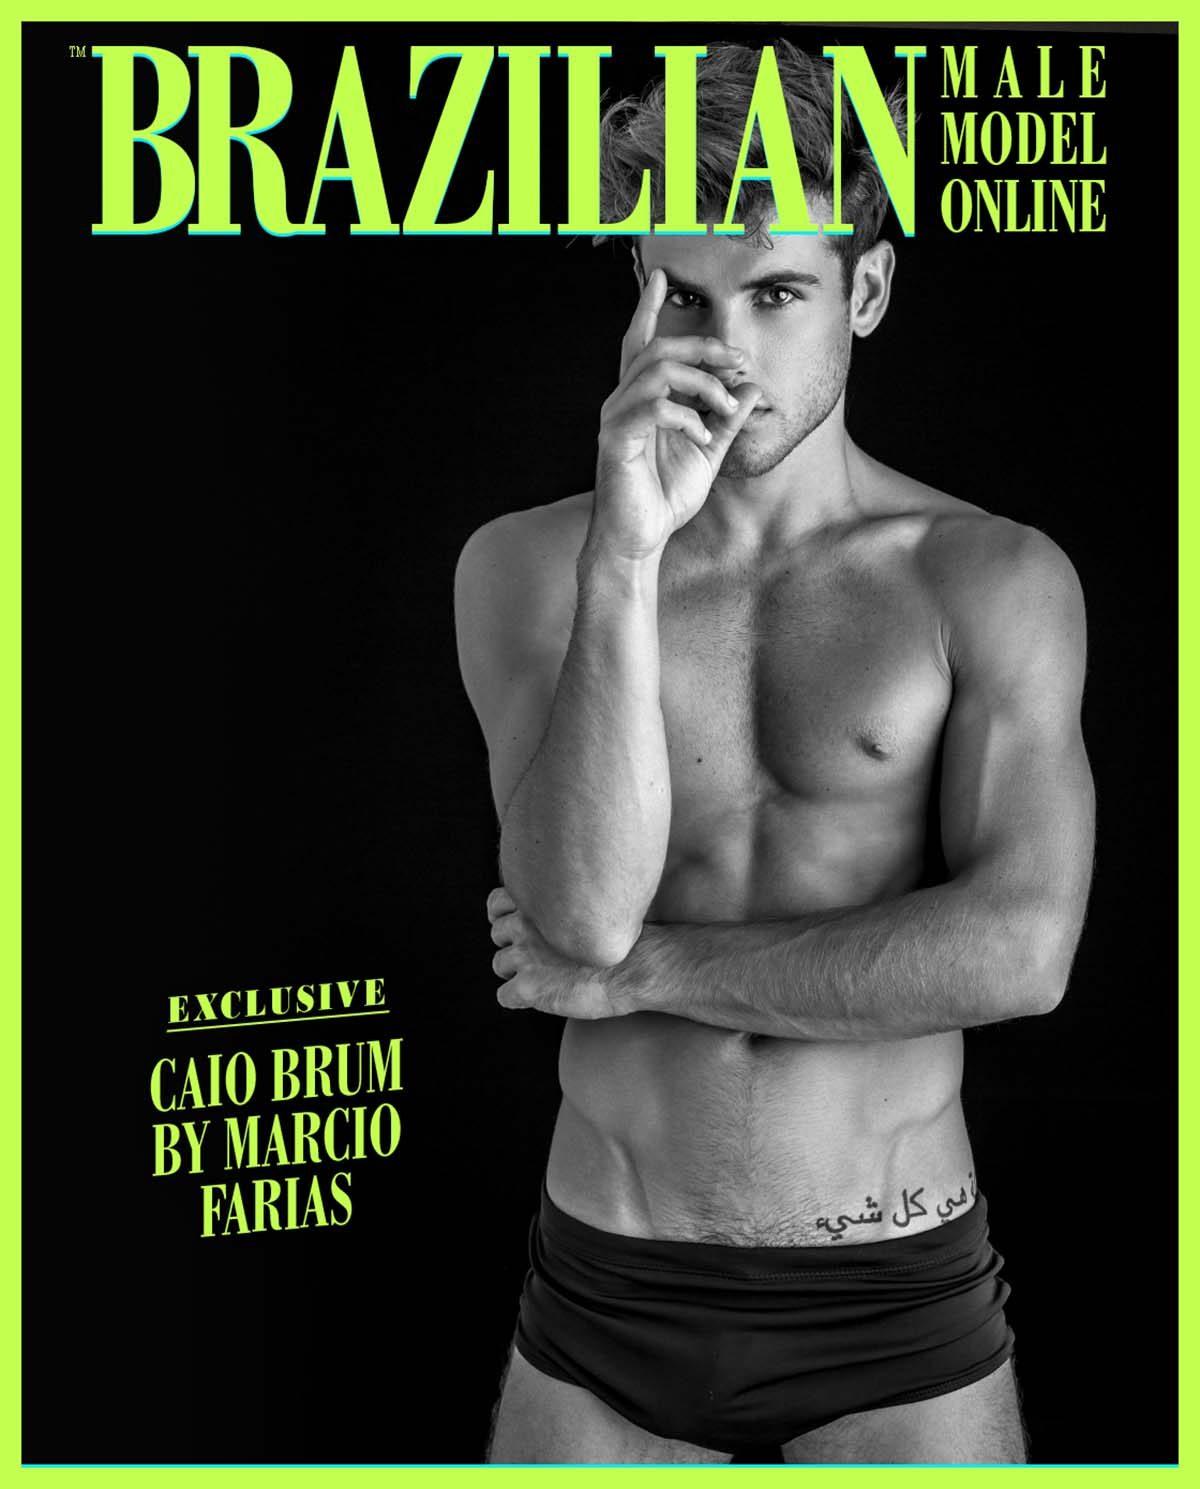 Caio Brum by Marcio Farias